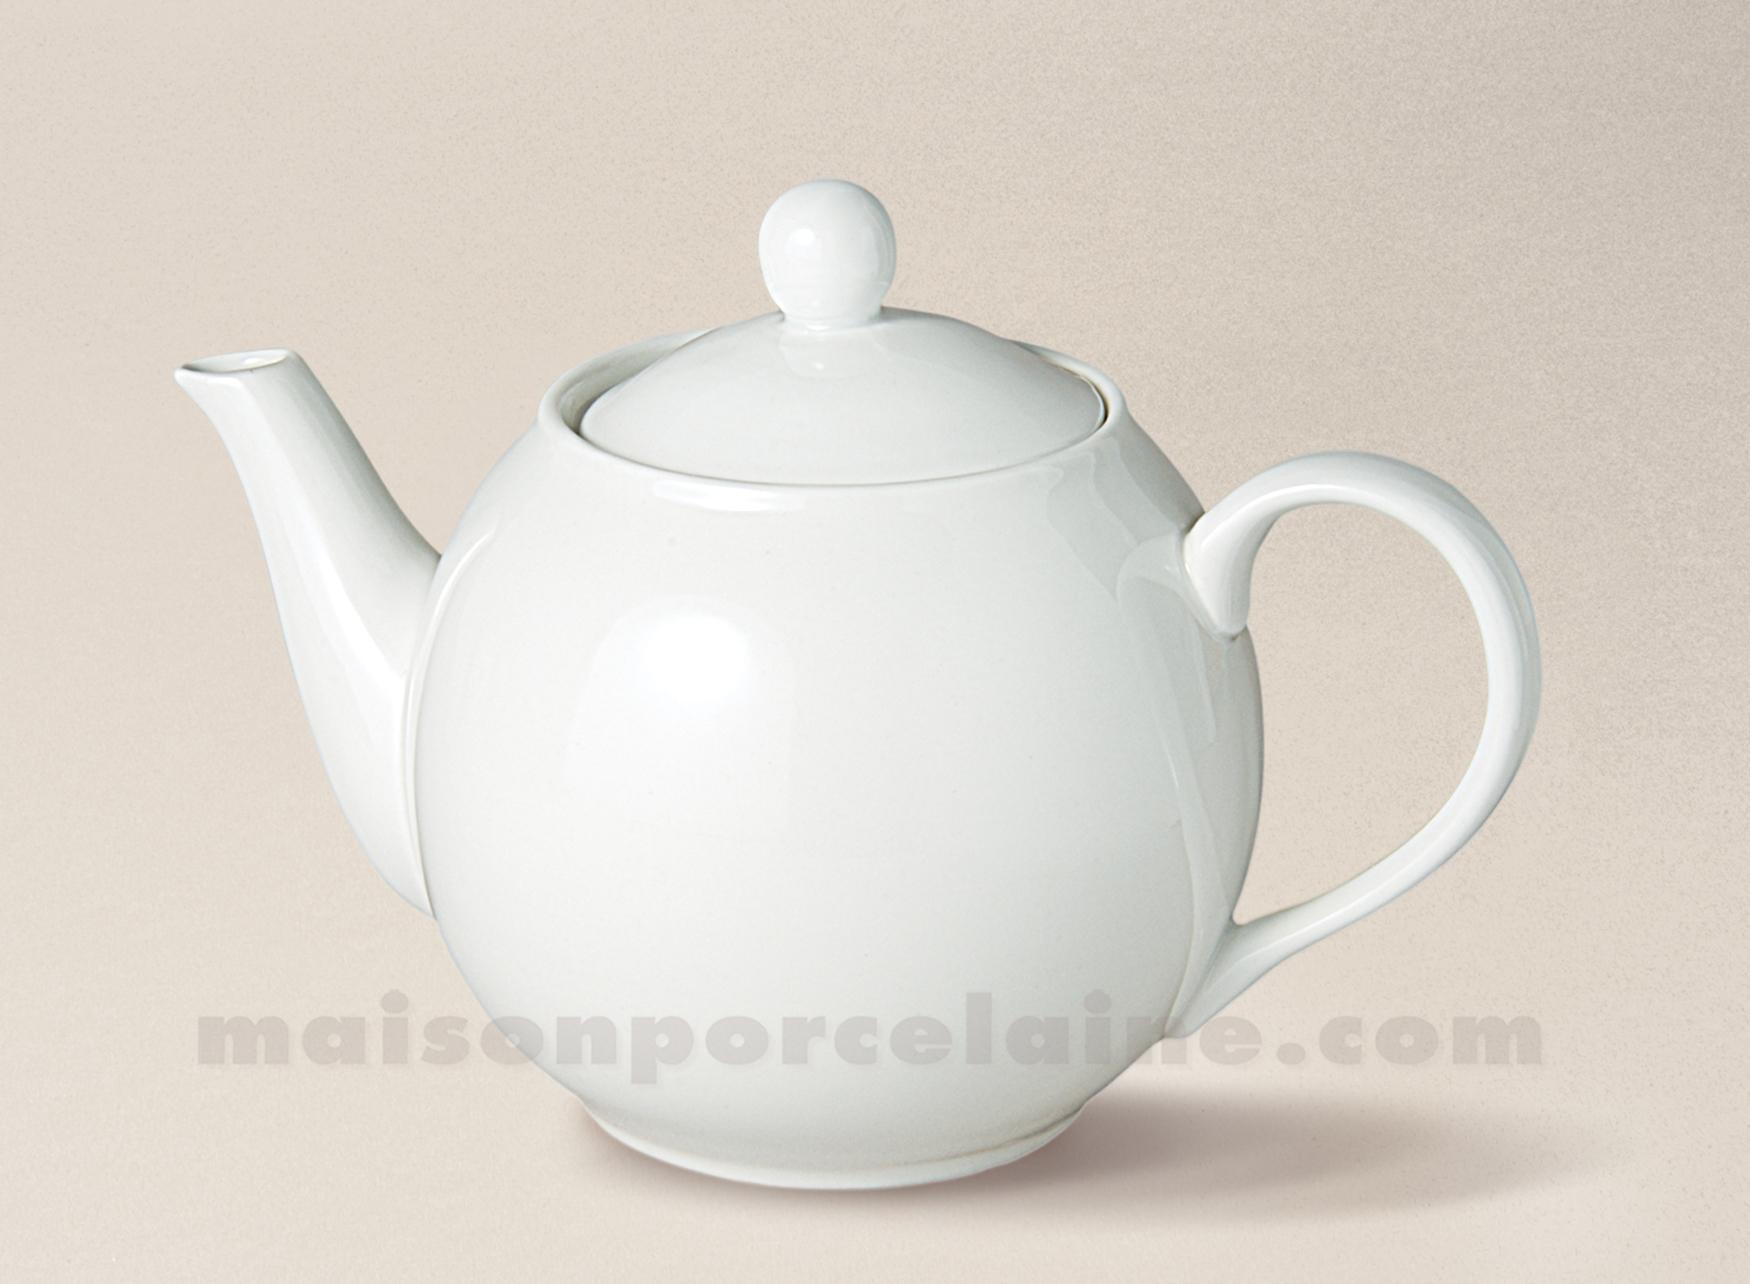 theiere boule flandre porcelaine blanche pm 60cl maison de la porcelaine. Black Bedroom Furniture Sets. Home Design Ideas